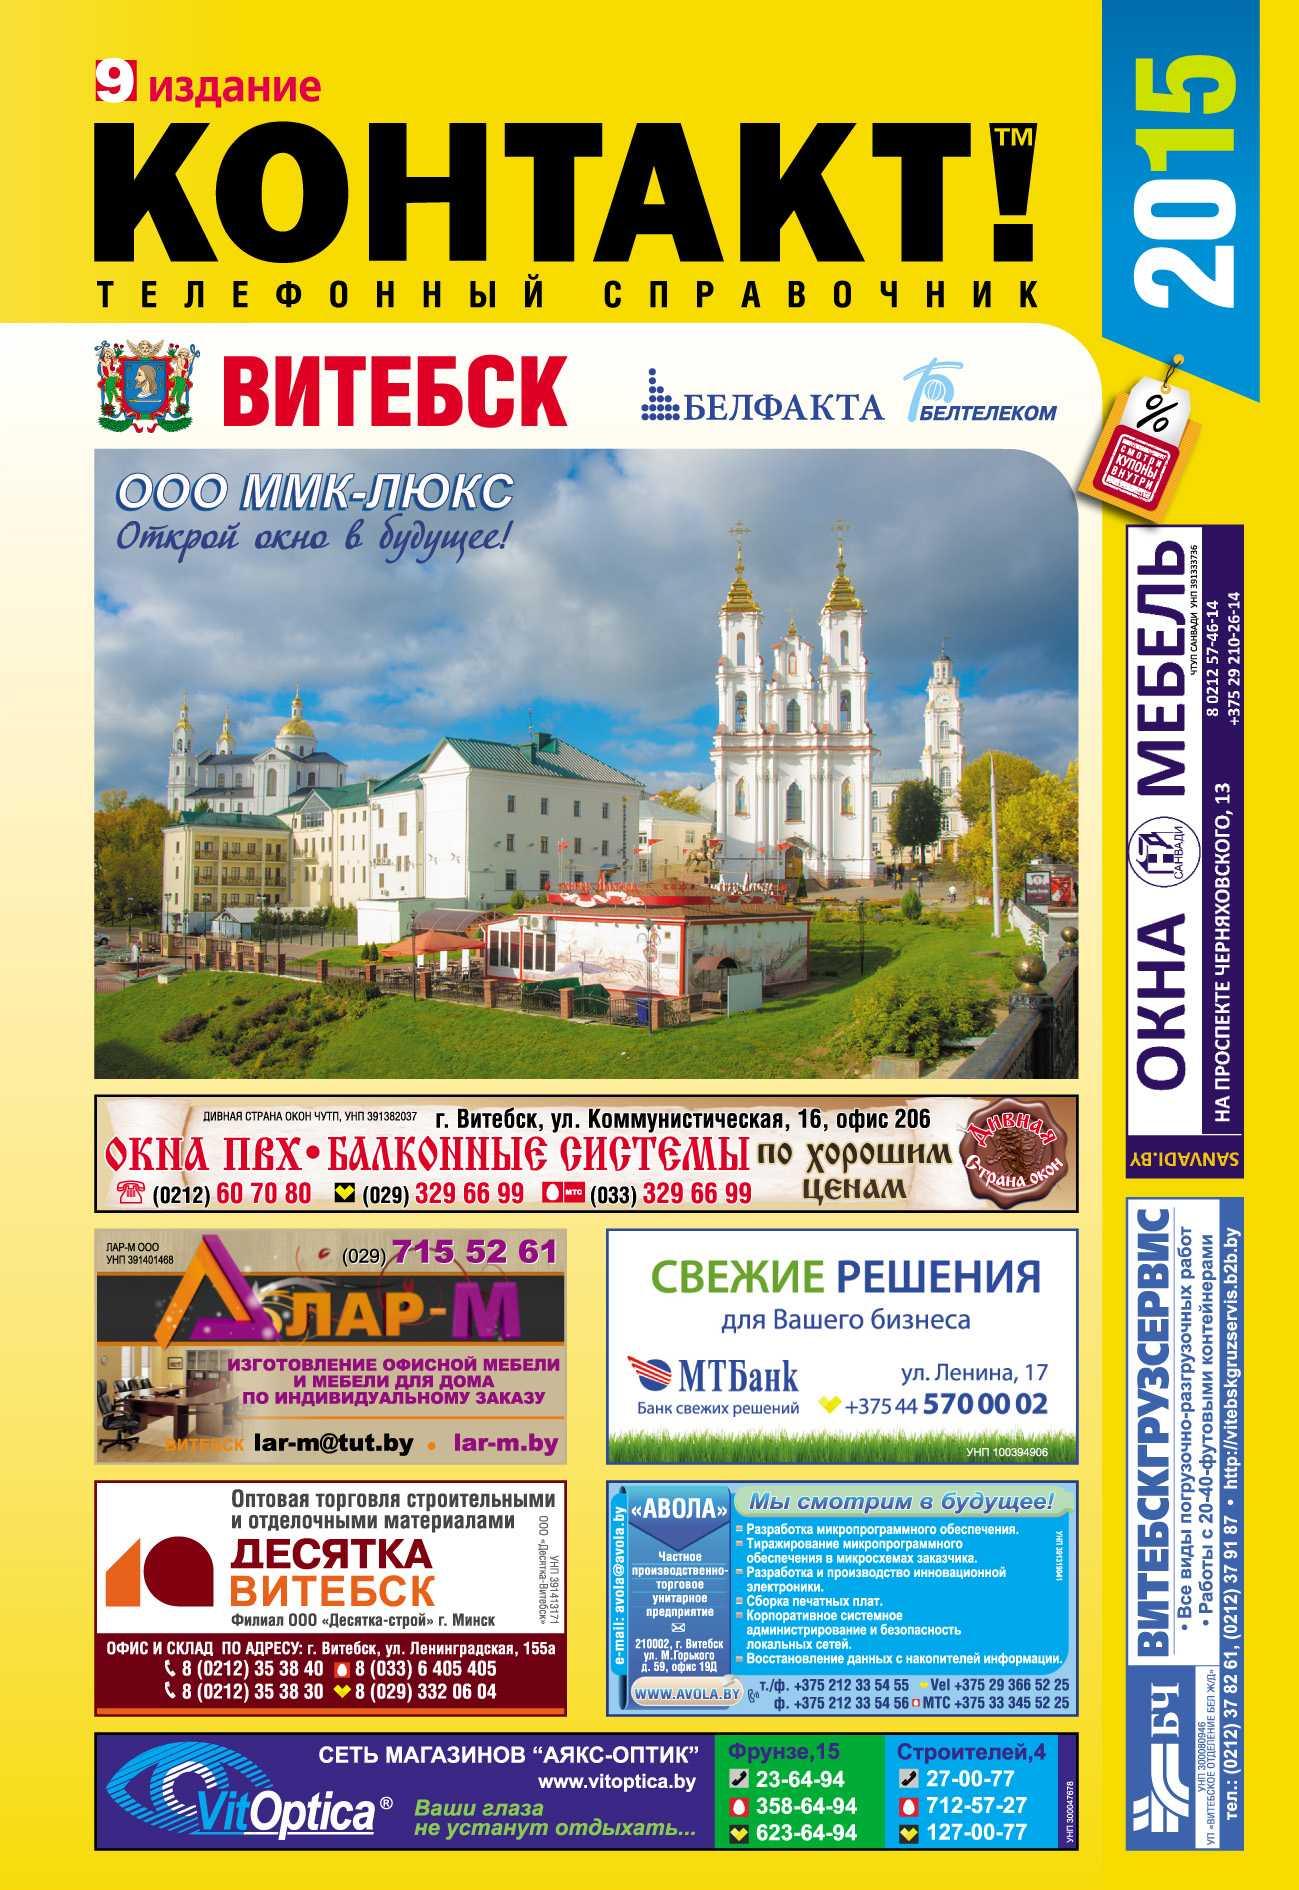 КОНТАКТ! Витебск — телефонный справочник г. Витебск